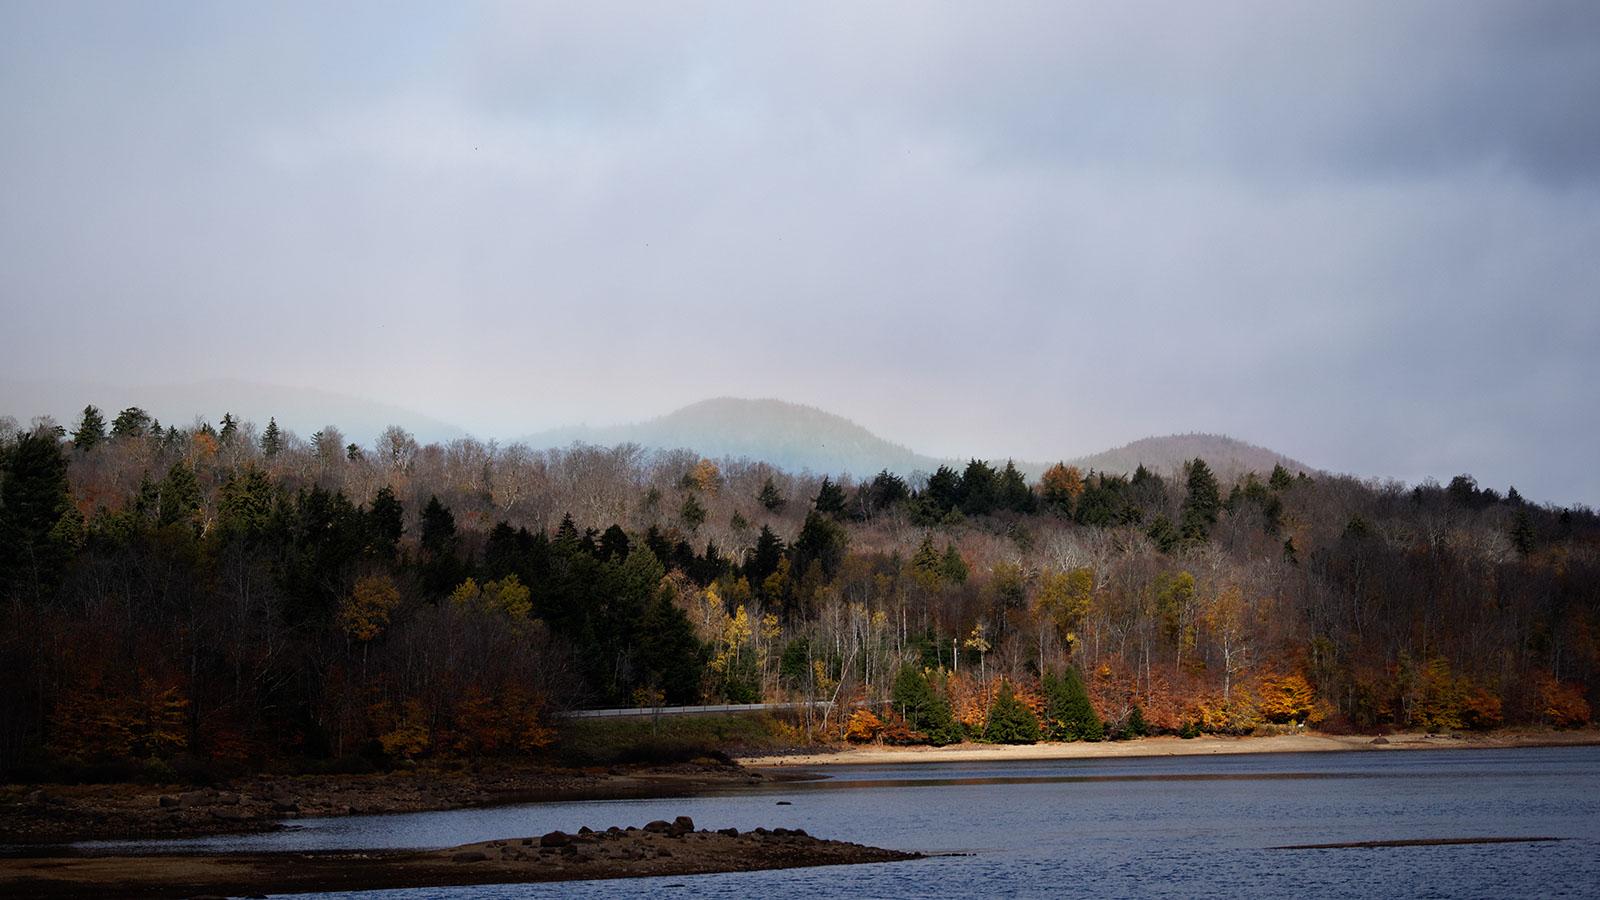 Herfst in de Adirondacks, oktober 2012